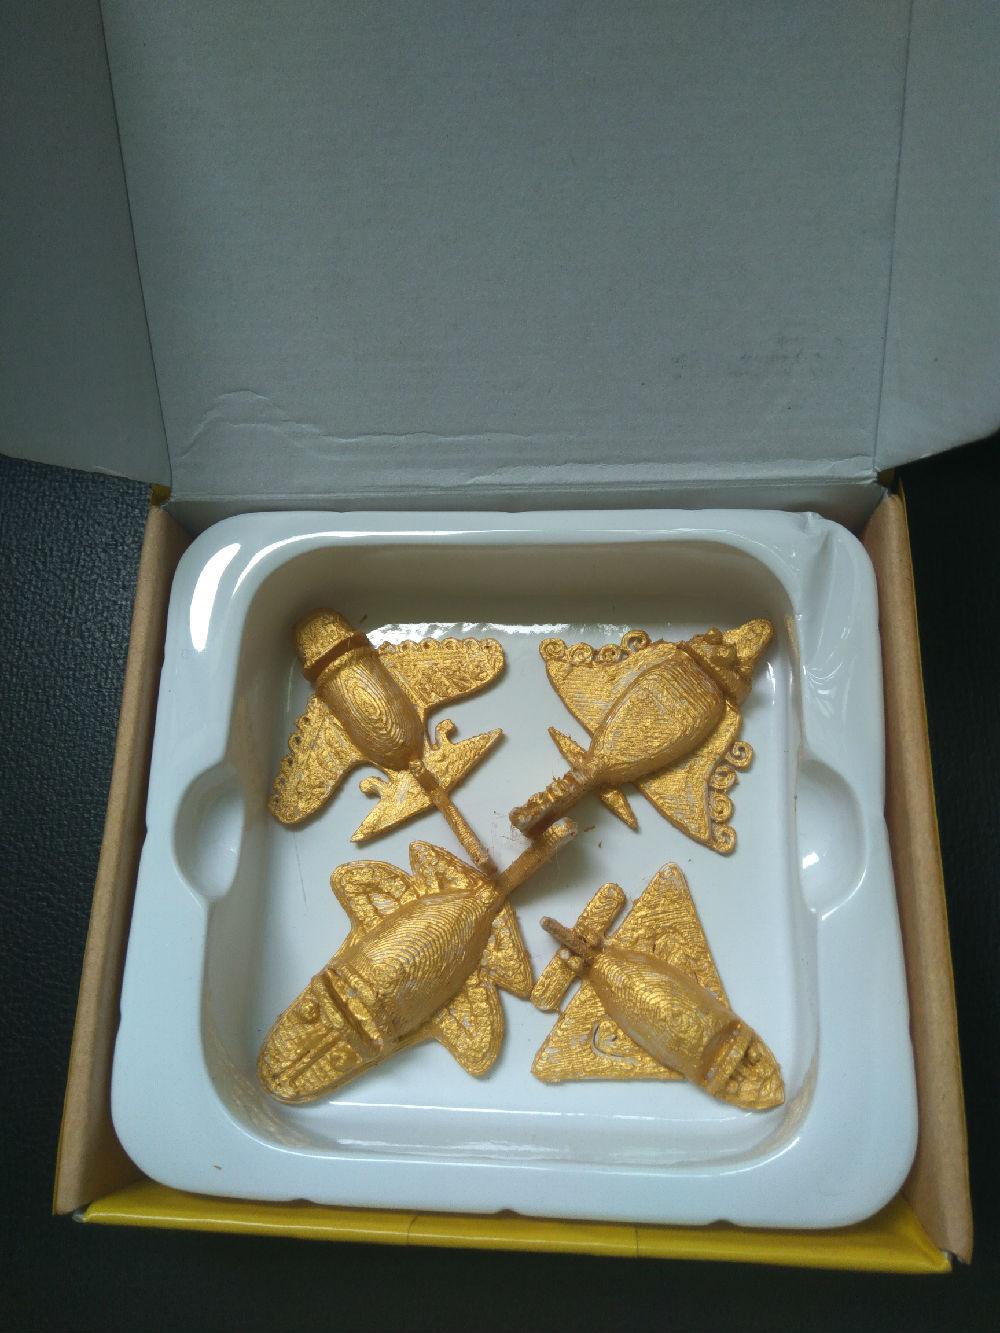 给母校的小礼物:玛雅古墓黄金飞机